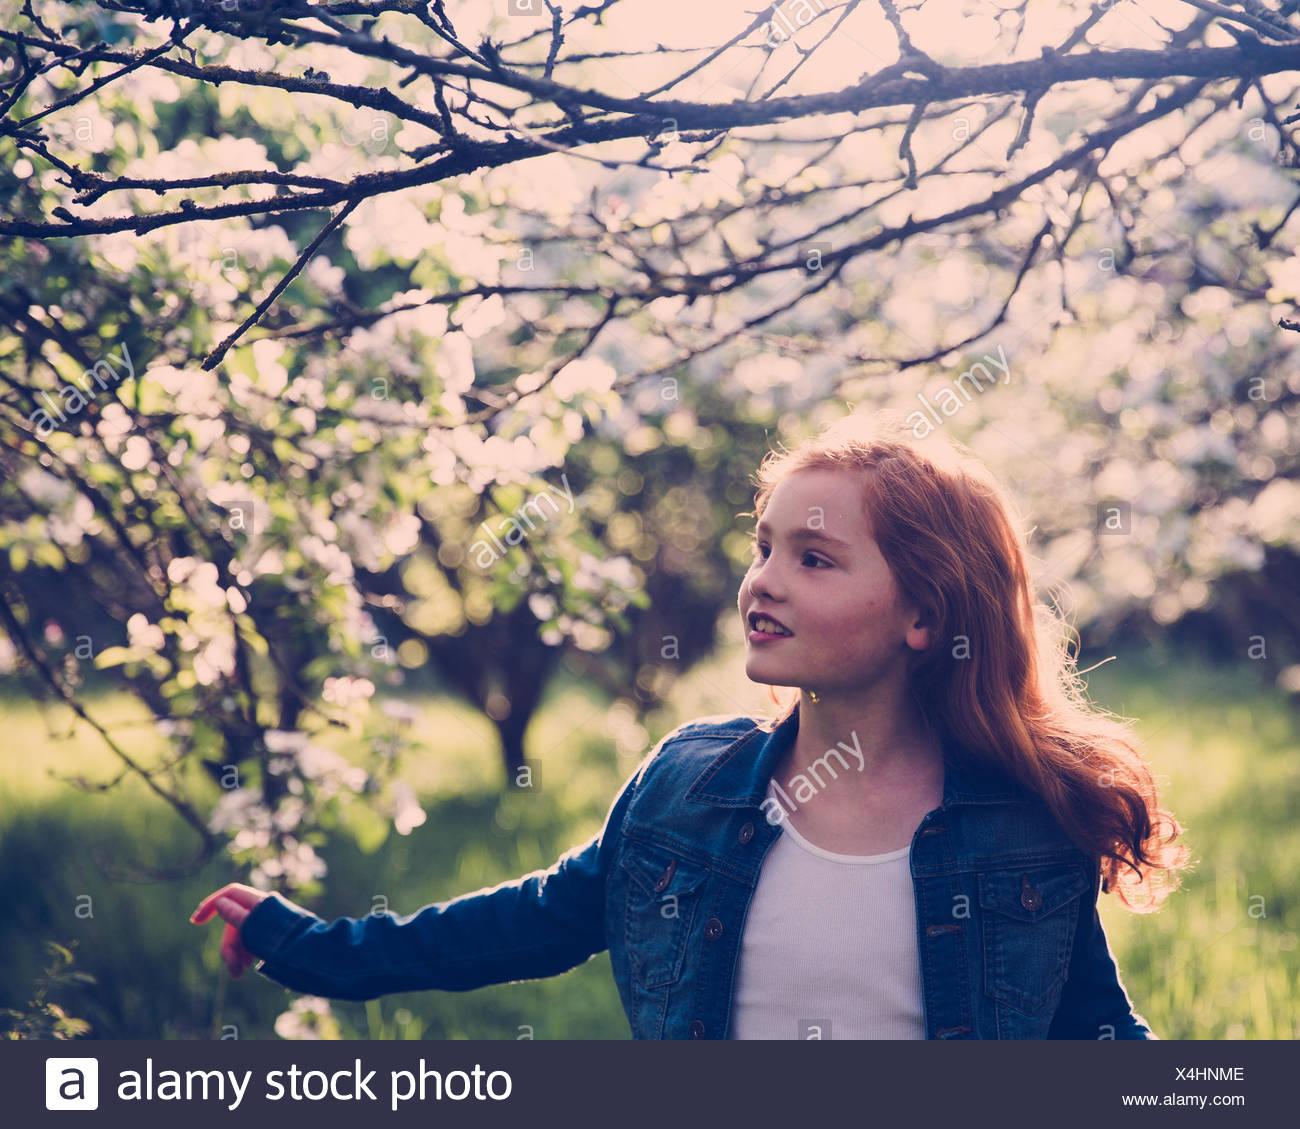 Mädchen zu Fuß durch Obstgarten in Blüte Stockbild